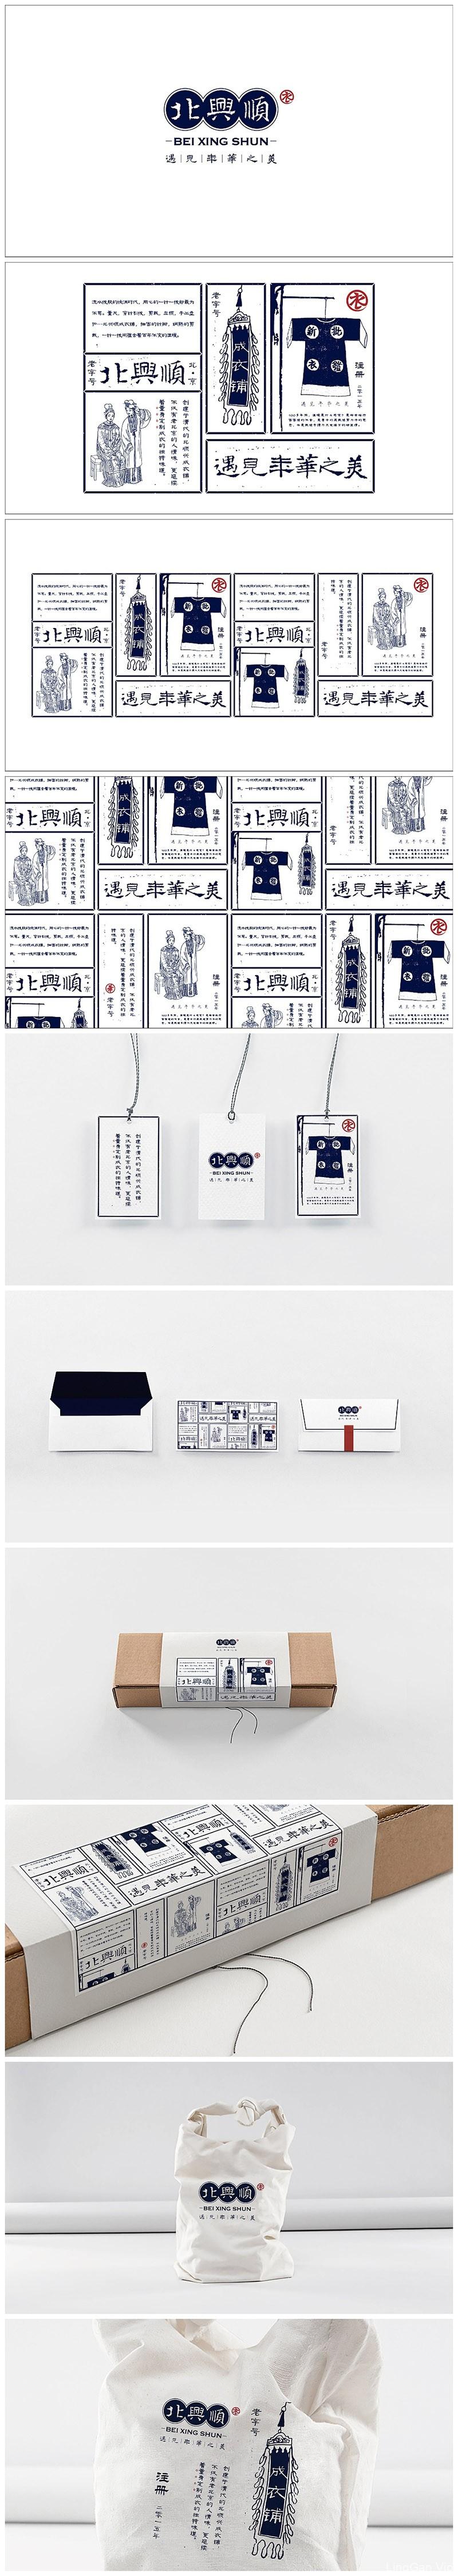 【老字号】北兴顺成衣铺品牌形象设计